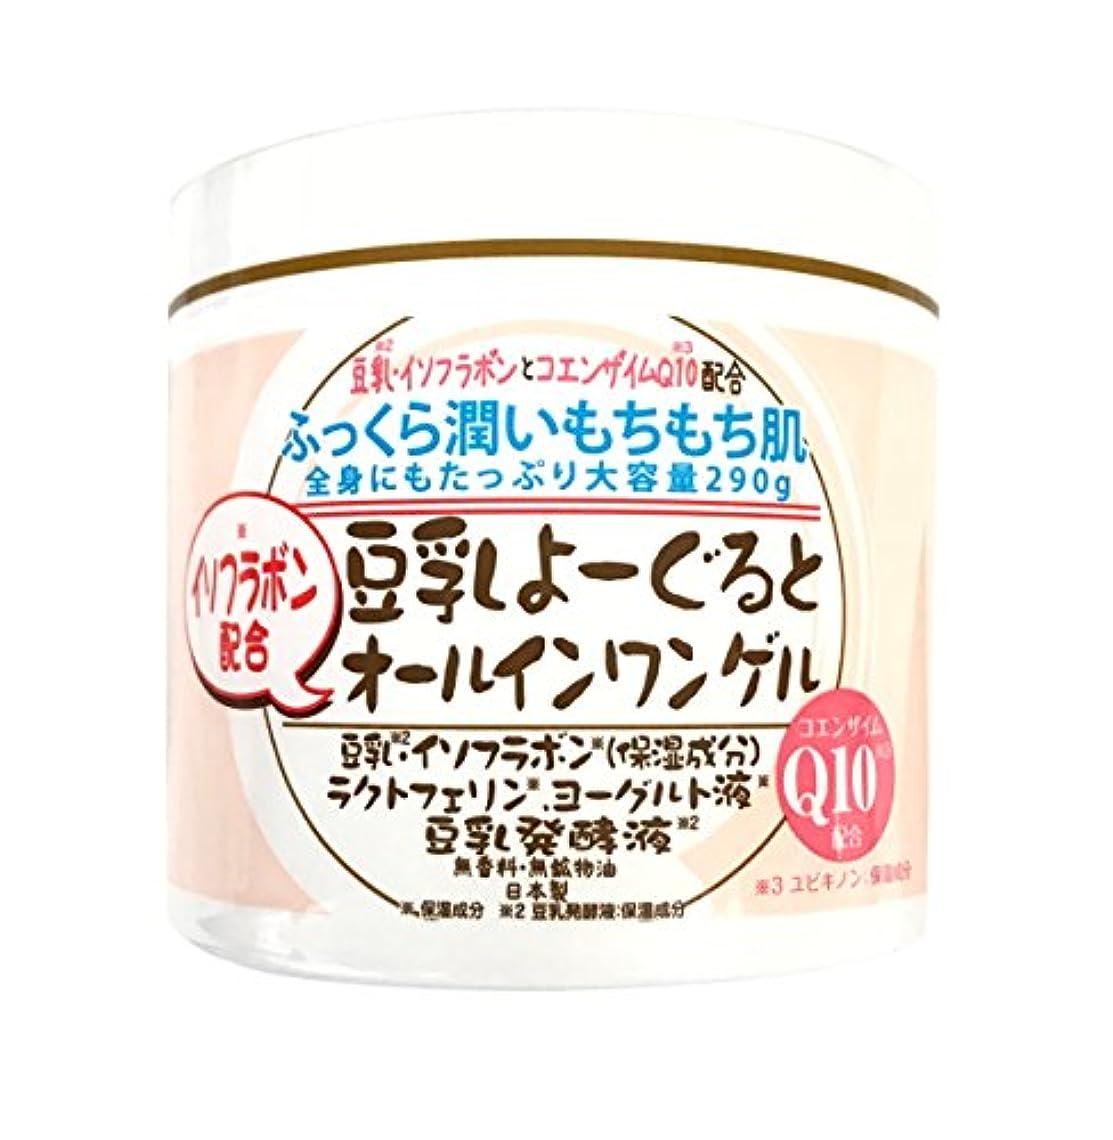 免疫する基本的な押す豆乳よーぐると オールインワンゲル 290g